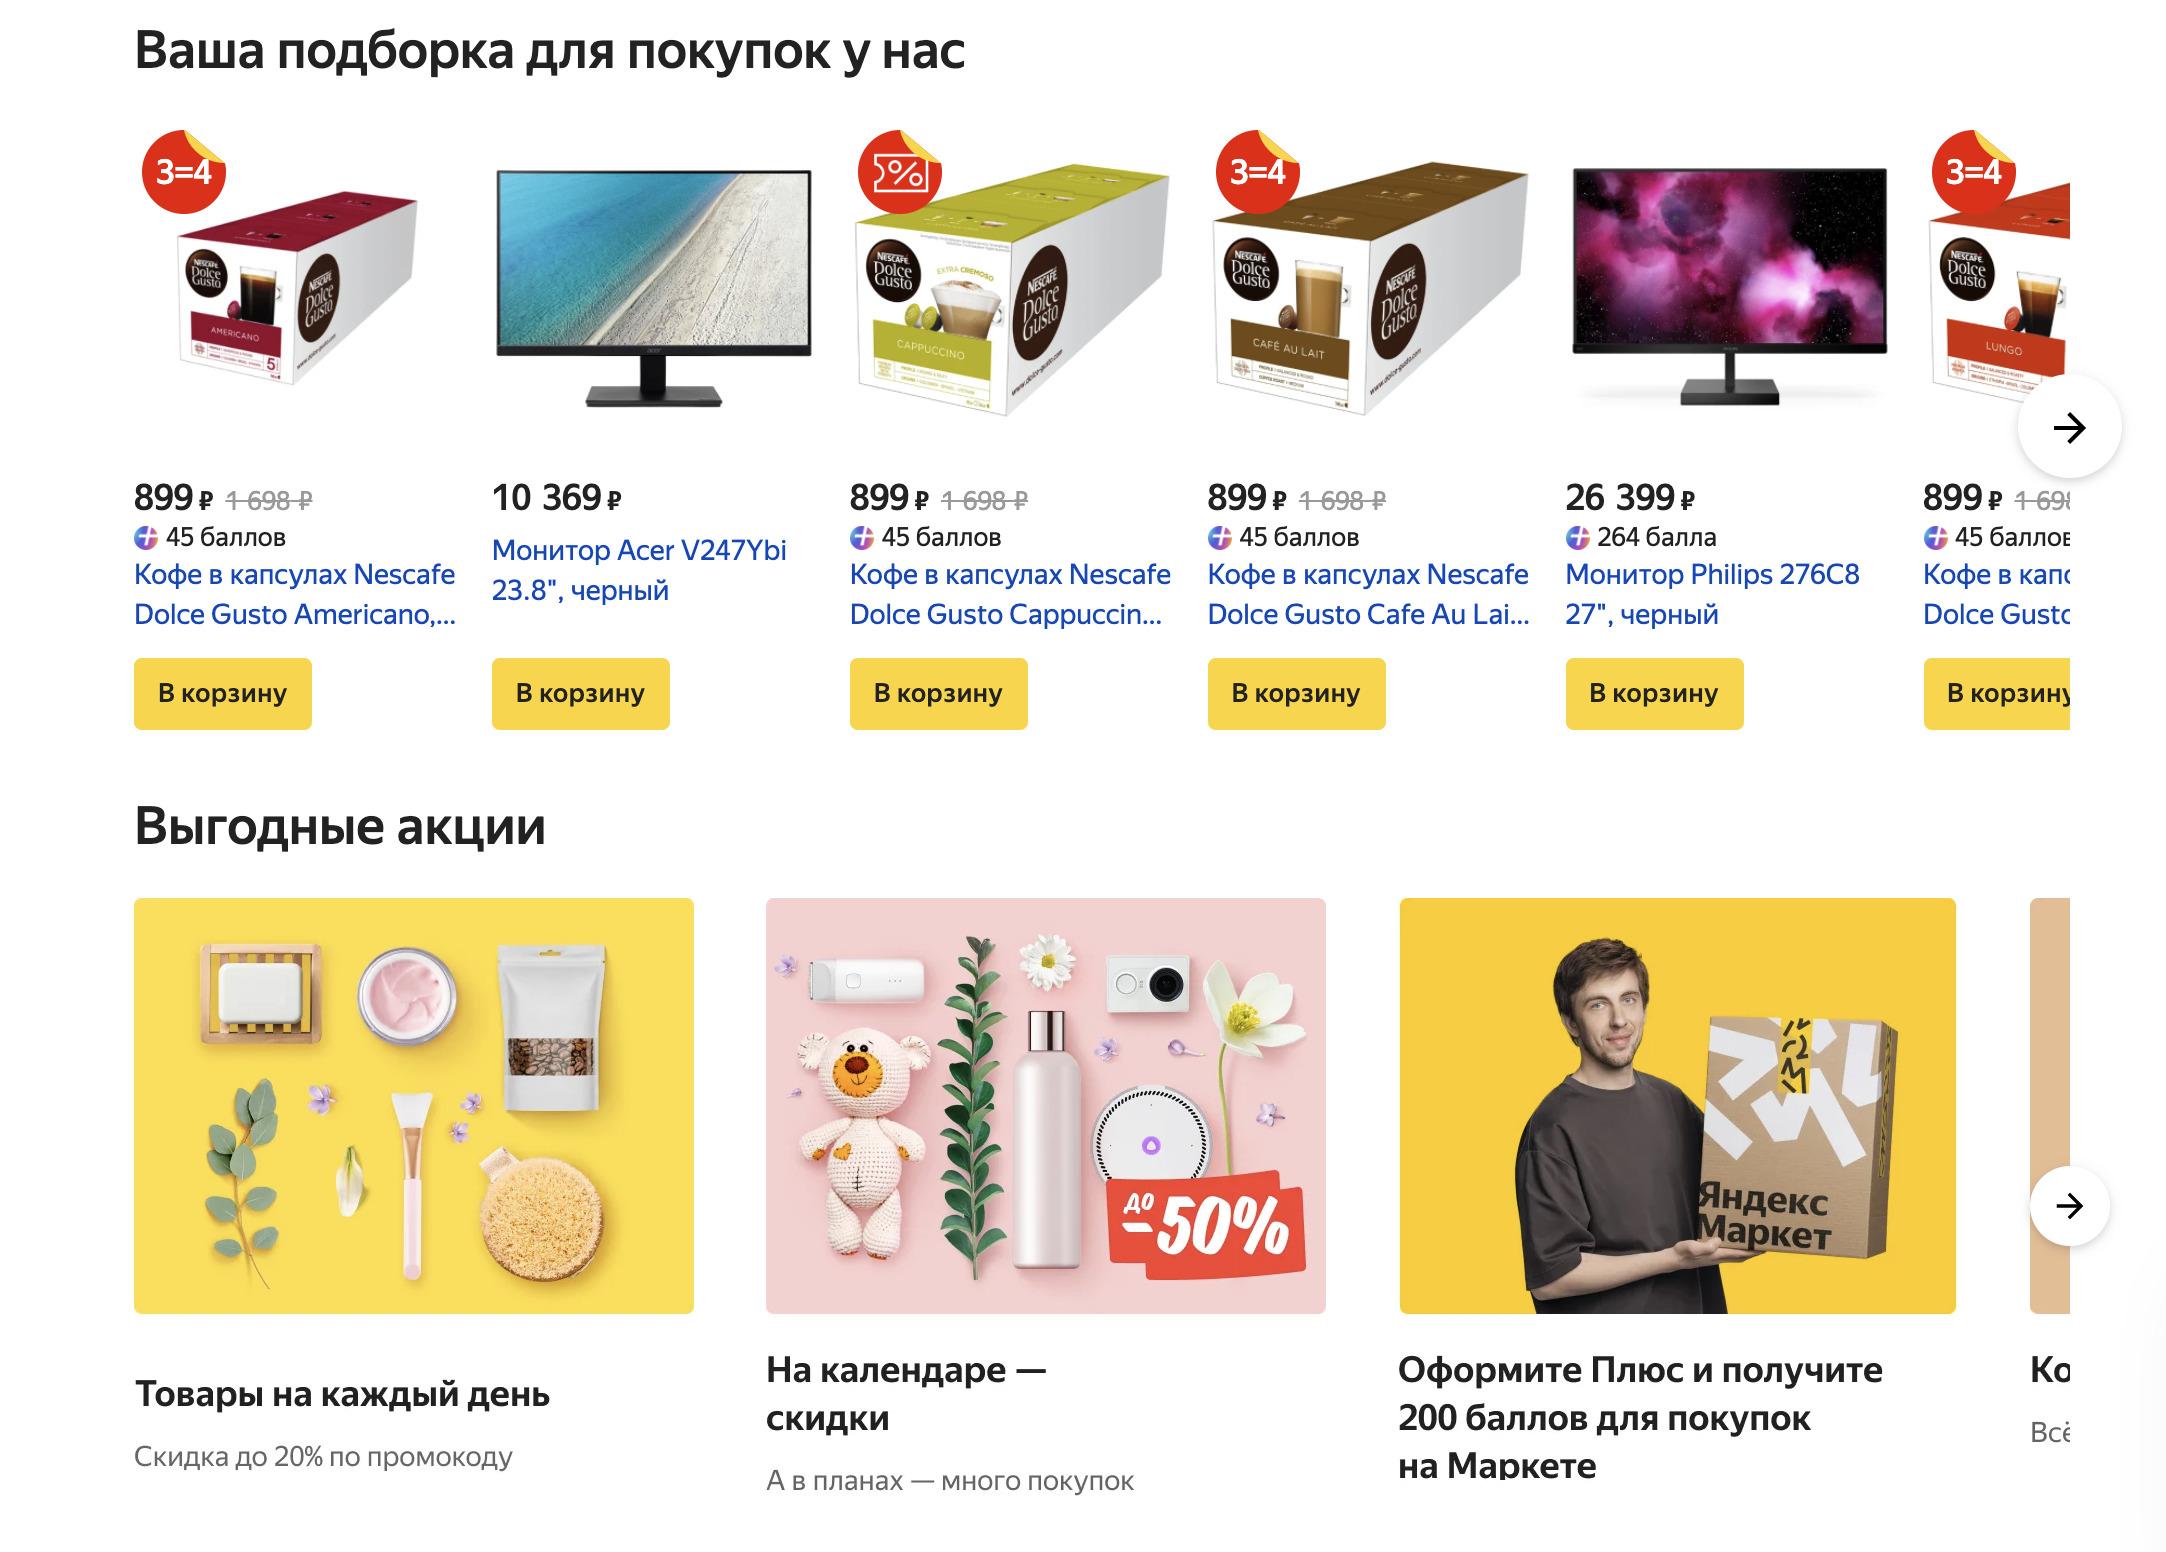 Доставка из Яндекс.Маркет в Пятигорск, сроки, пункты выдачи, каталог